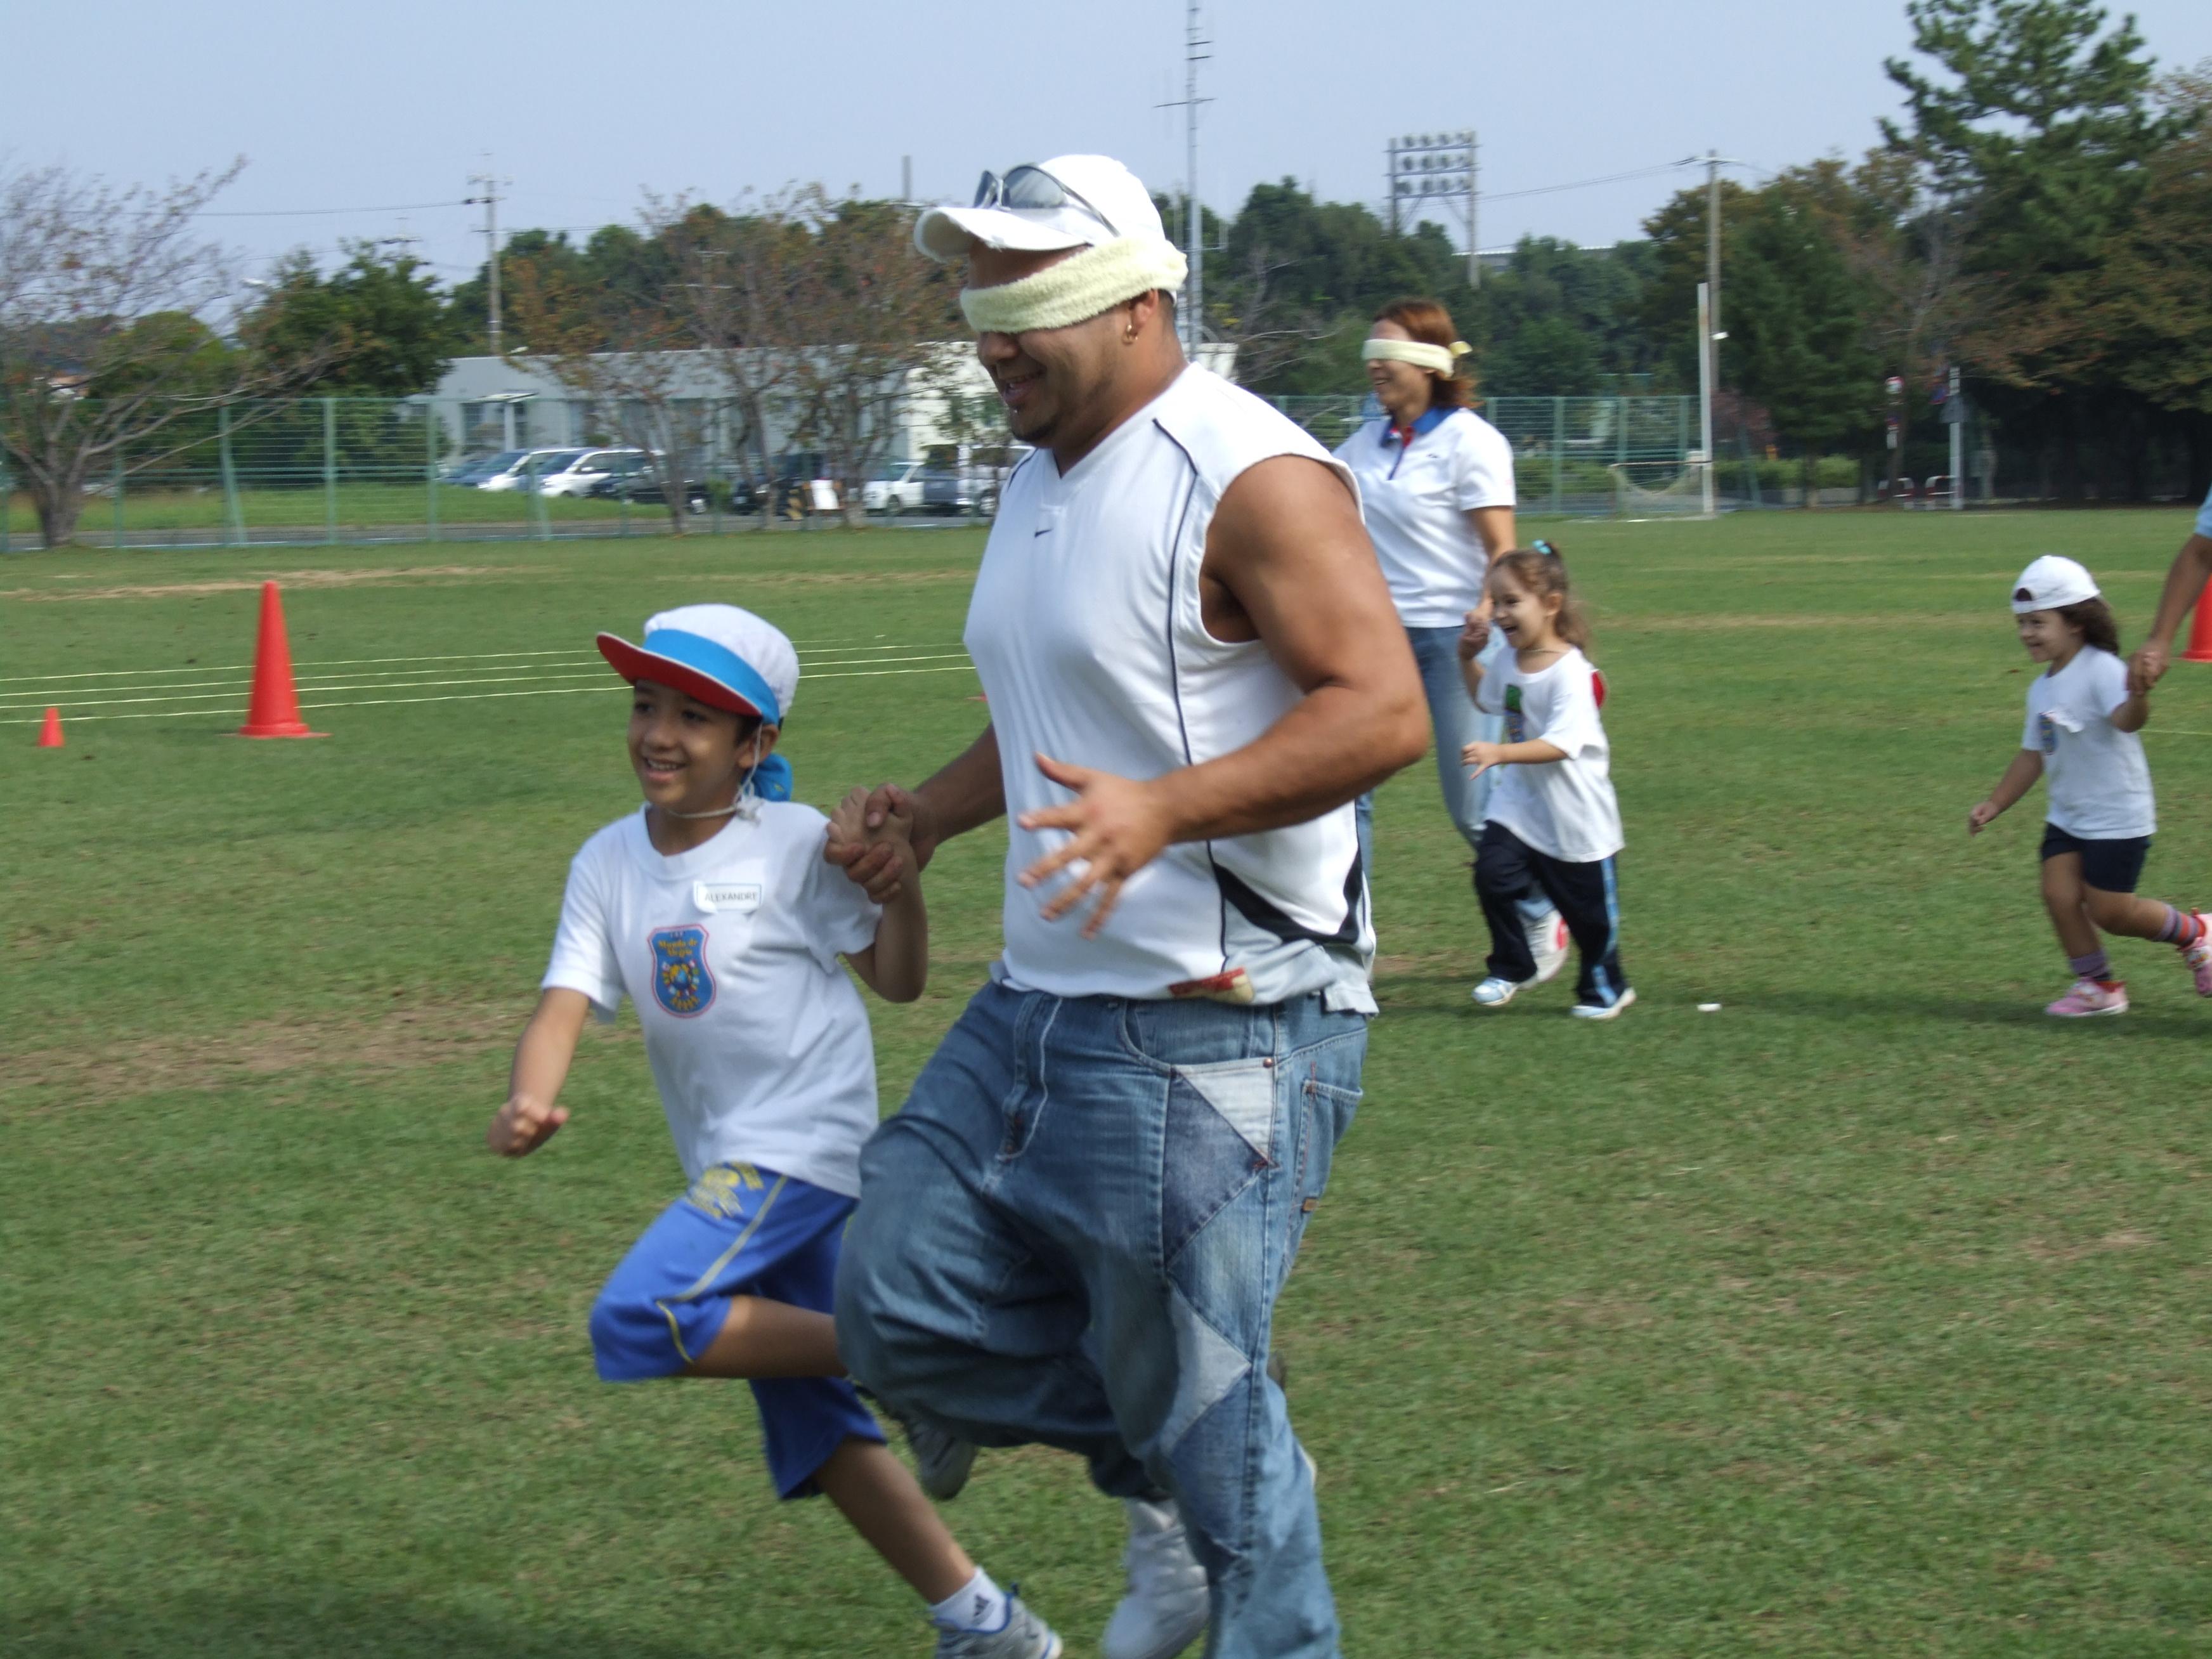 http://www.mundodealegria.org/images/DSCF4103.JPG